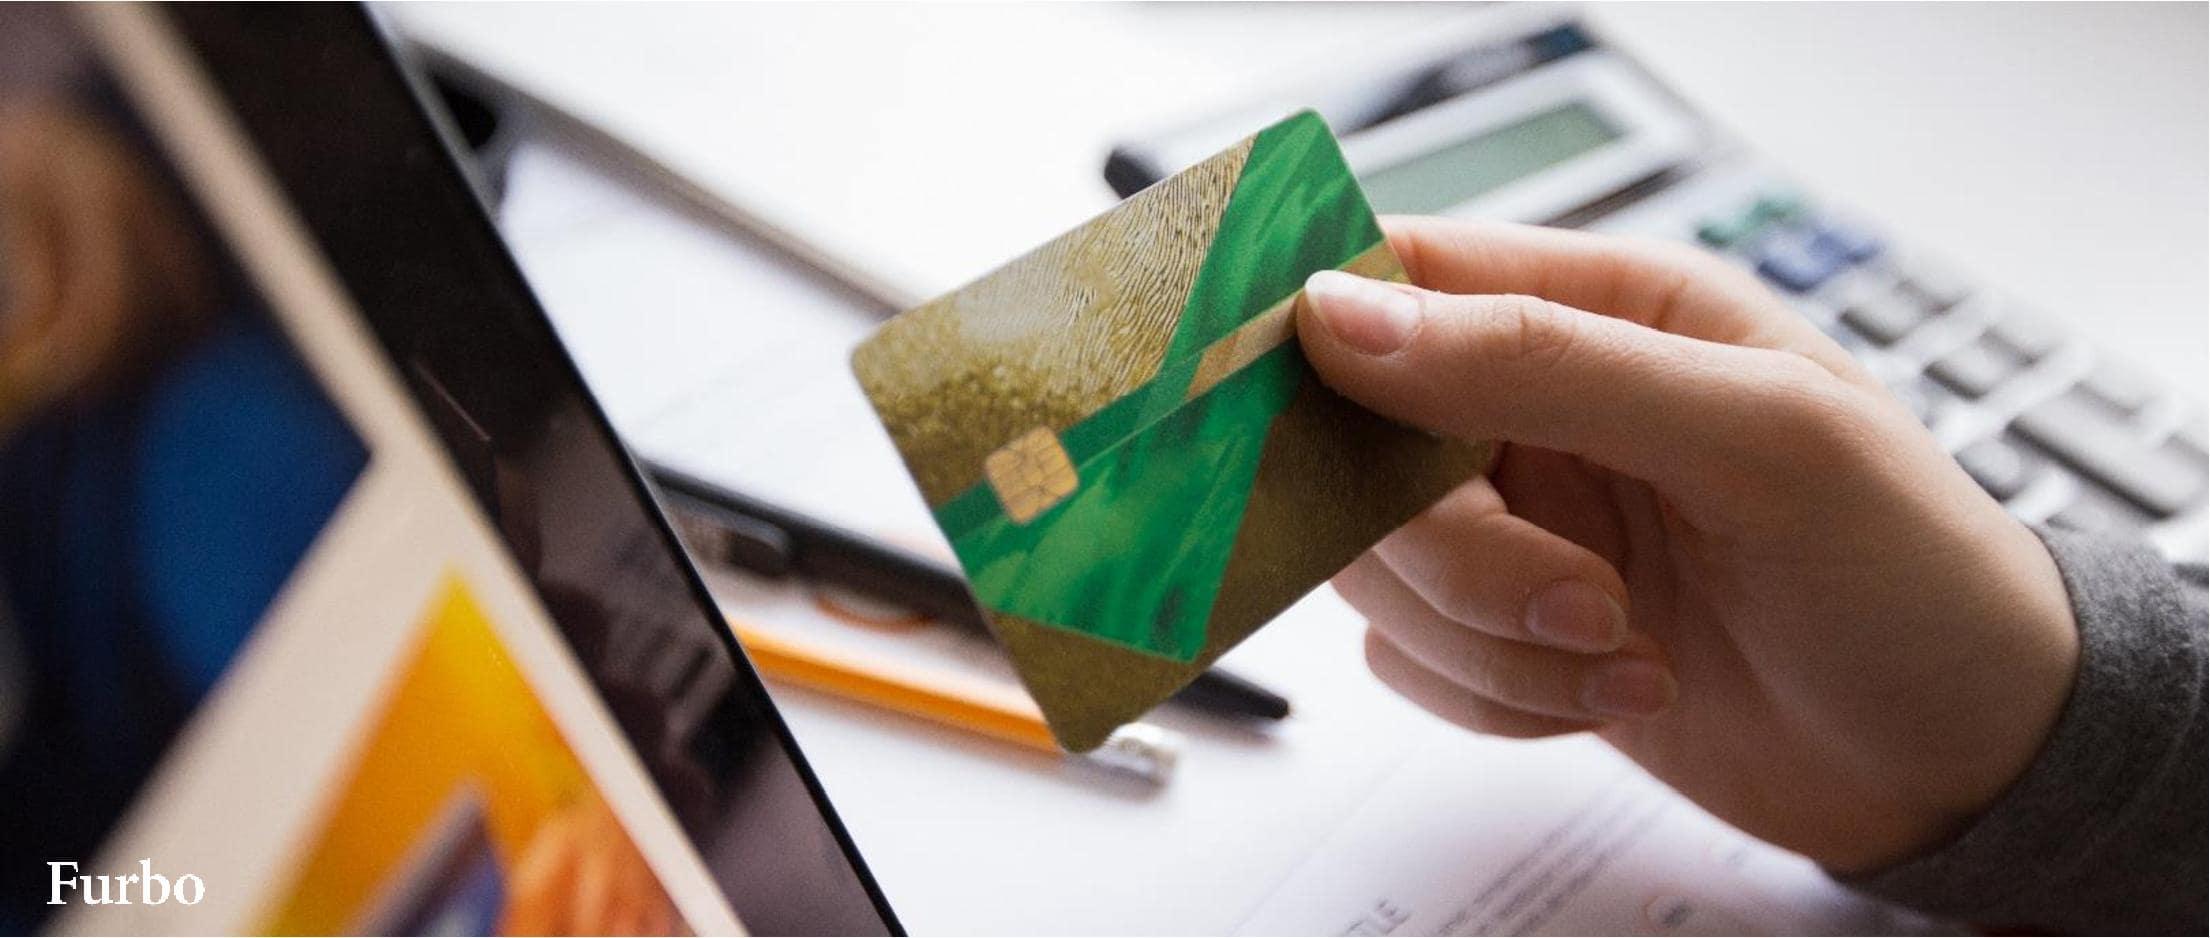 اتصال درگاه پرداخت بانک به سایت فروشگاهی